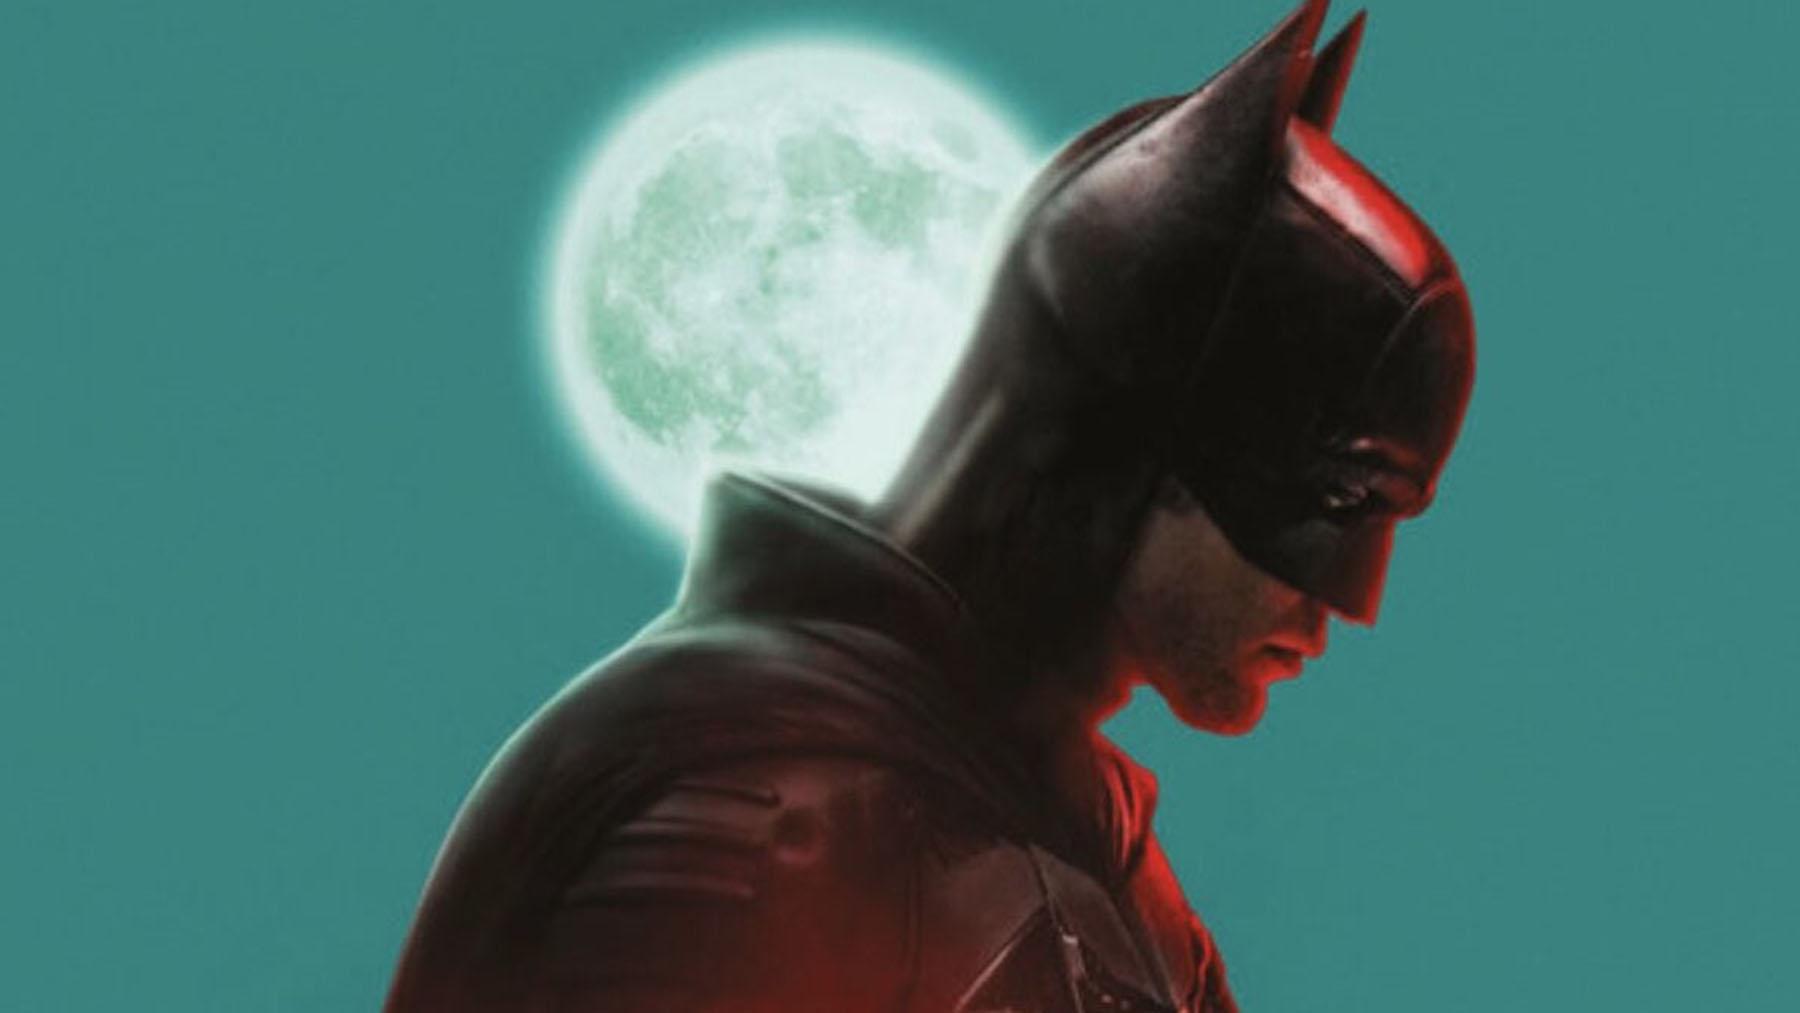 El 19 de septiembre se celebra el Batman day. Imagen promocional de «The Batman» (Warner Bros Pictures)